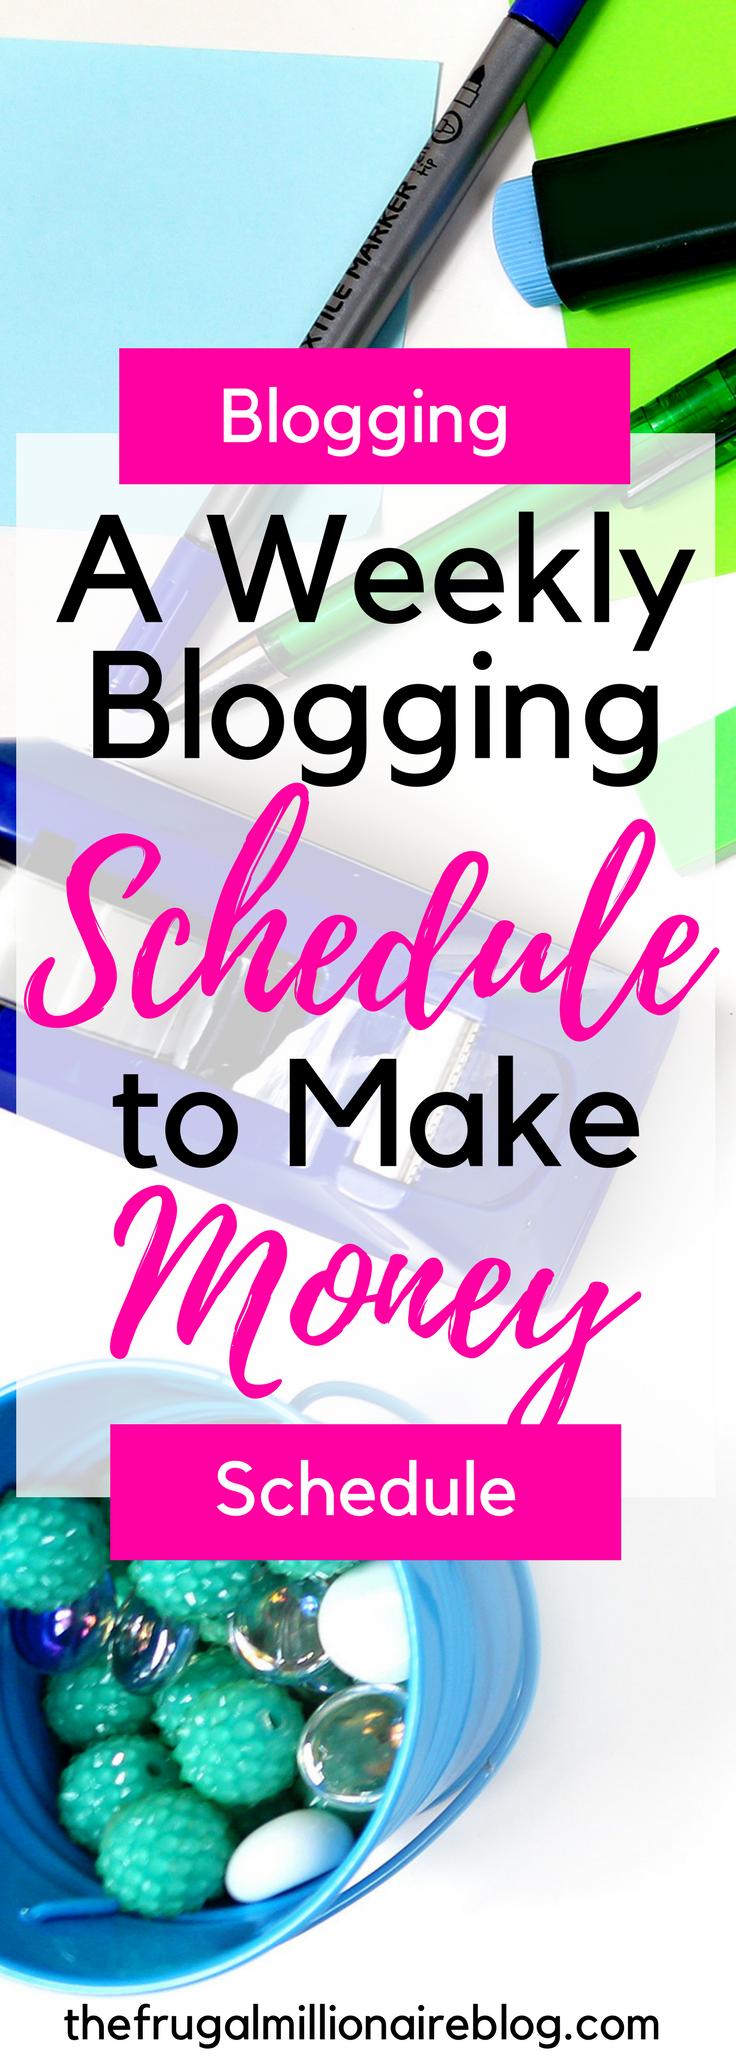 make a weekly schedule online